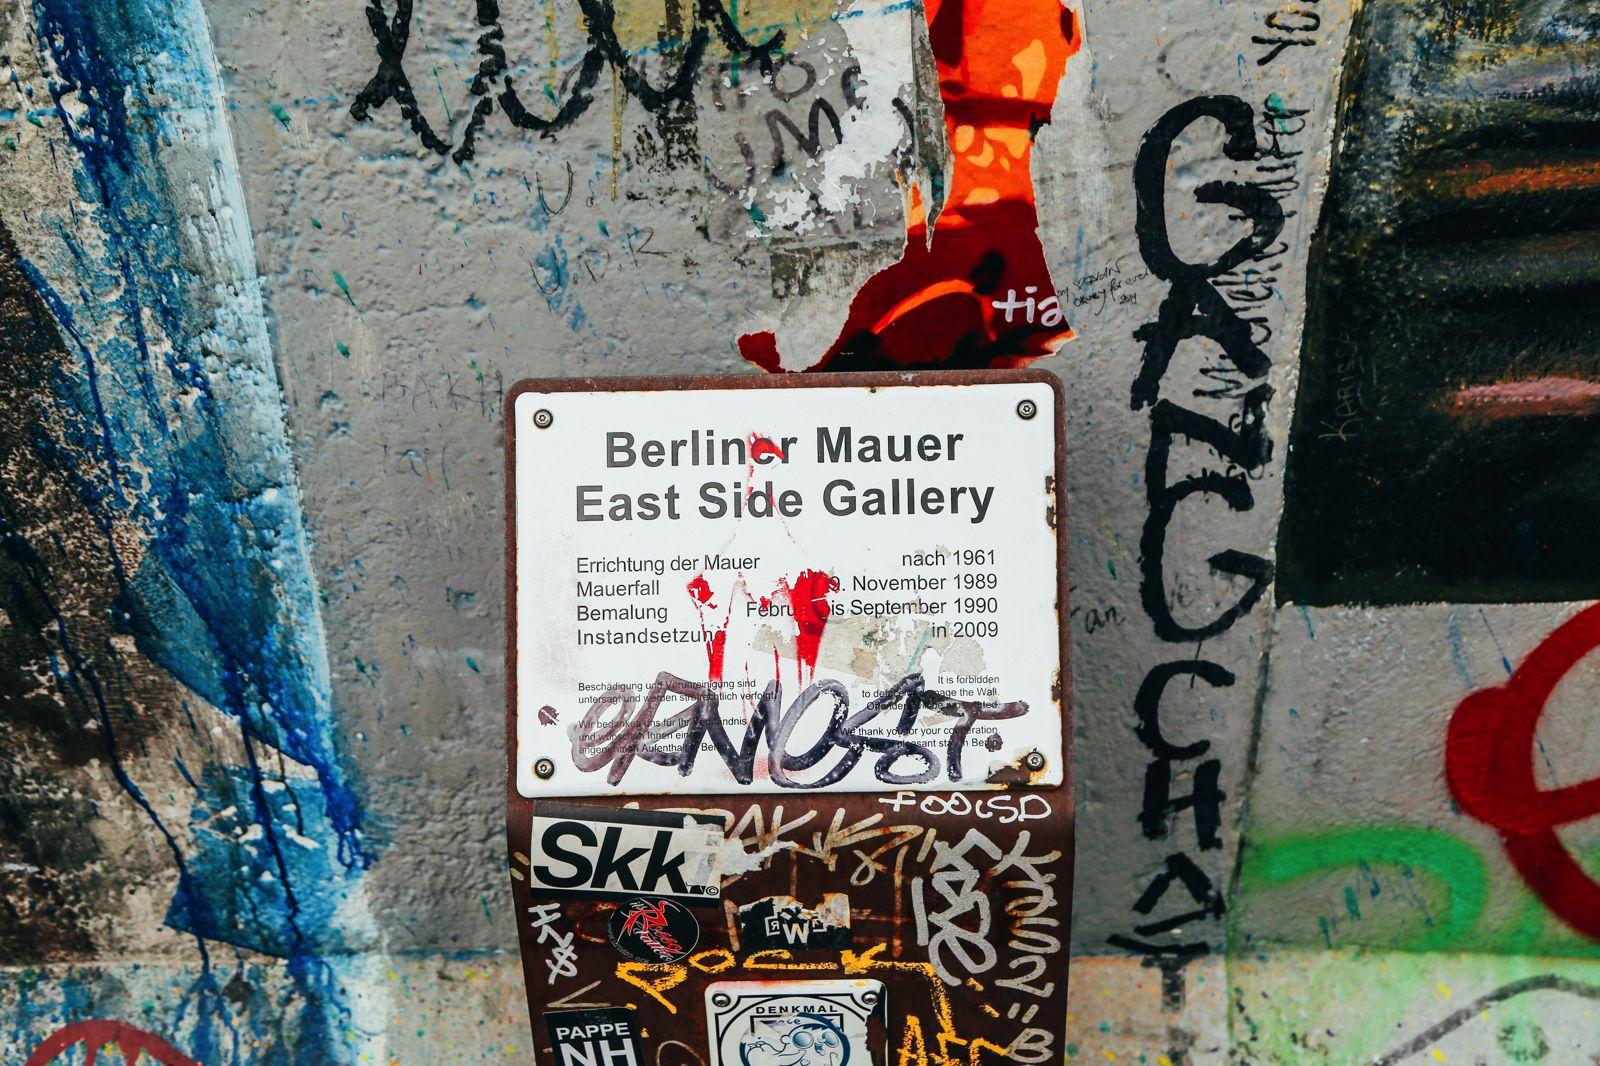 East Side Gallery, Berlin, Germany (9)